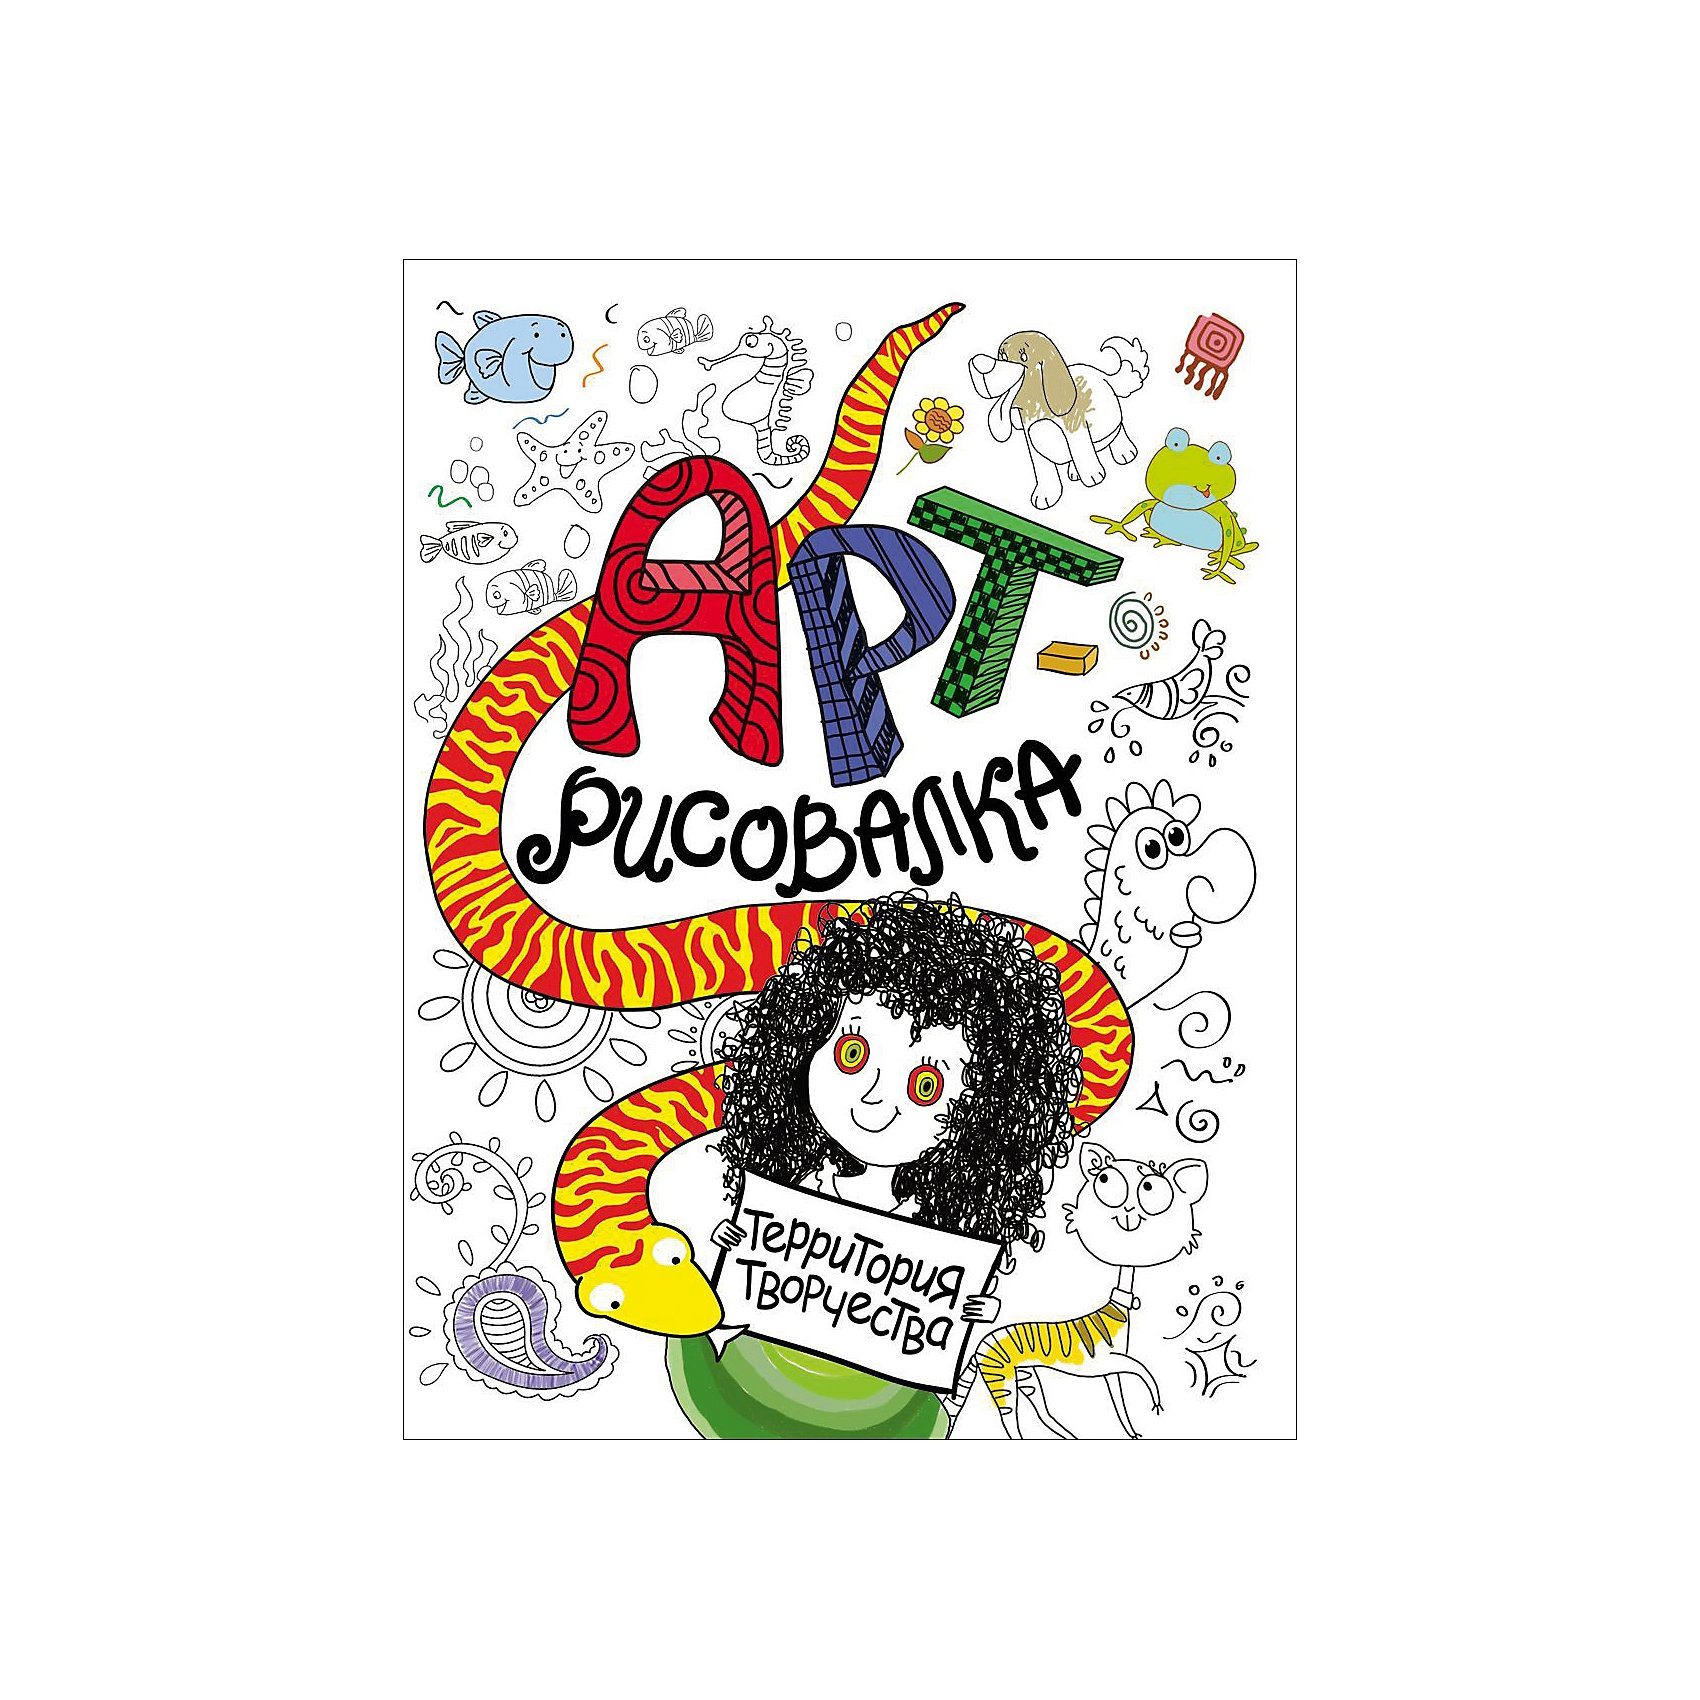 Арт-рисовалка КудряХарактеристики товара:<br><br>- цвет: разноцветный;<br>- материал: бумага;<br>- формат: 27 х 21 см;<br>- обложка: мягкая.<br><br>Это издание станет отличным подарком для ребенка. Оно поможет малышу развить художественные навыки и весело провести время! Талантливый иллюстратор дополнил книгу качественными рисунками, которые можно дополнить или перерисовать.<br>Рисование даже в юном возрасте помогает ребенку развивать зрительную память, концентрацию внимания и воображение. Издание произведено из качественных материалов, которые безопасны даже для самых маленьких.<br><br>Арт-рисовалку Кудря от компании Росмэн можно купить в нашем интернет-магазине.<br><br>Ширина мм: 275<br>Глубина мм: 212<br>Высота мм: 2<br>Вес г: 73<br>Возраст от месяцев: 0<br>Возраст до месяцев: 36<br>Пол: Унисекс<br>Возраст: Детский<br>SKU: 5110107